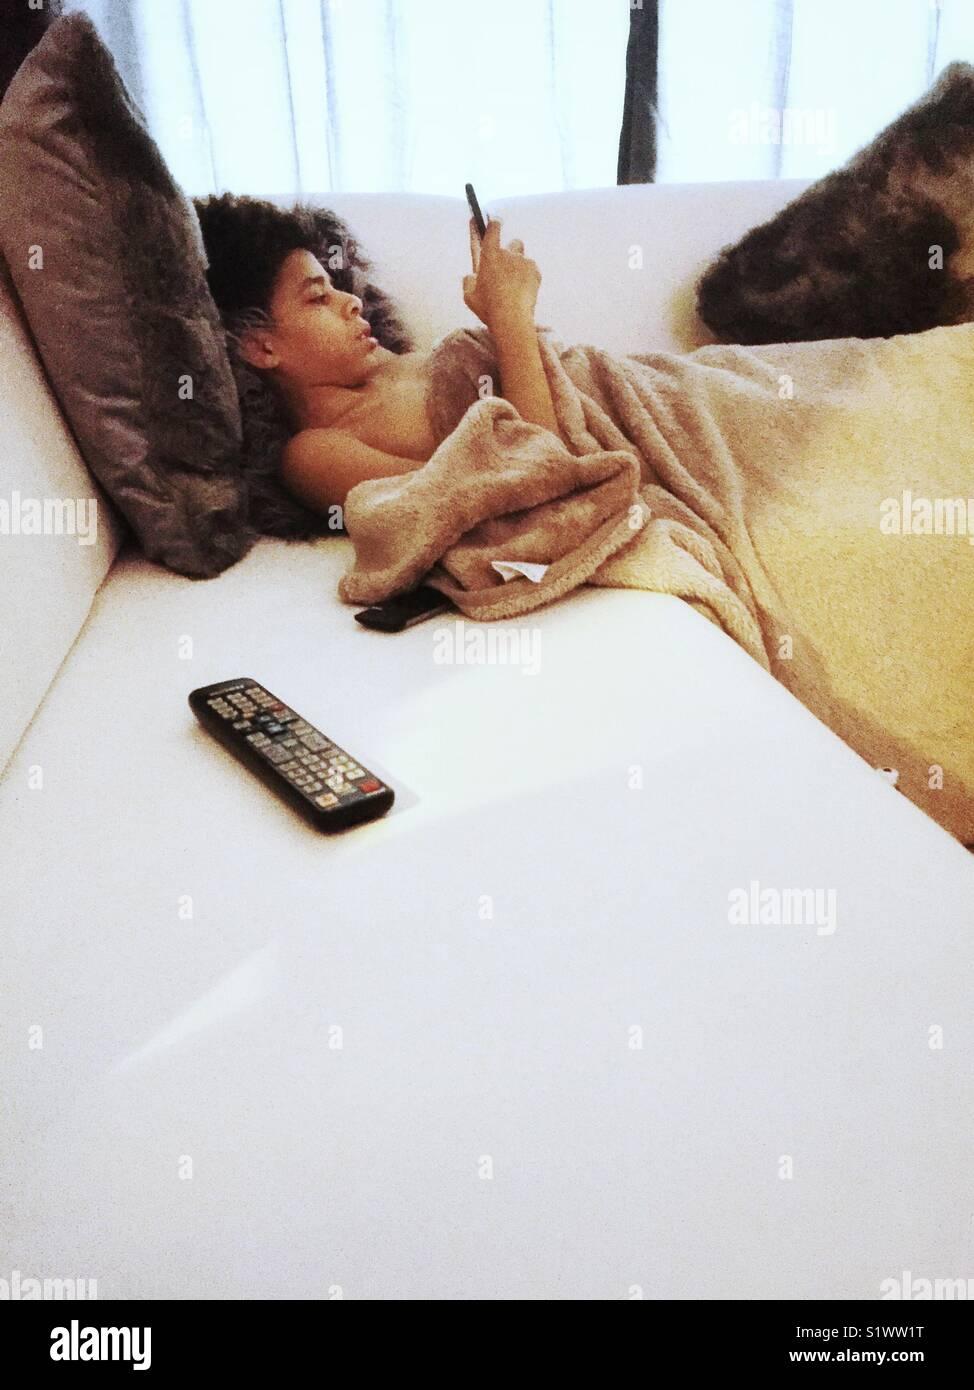 Ragazzo sul lettino con la tecnologia, telefono e telecomando Immagini Stock